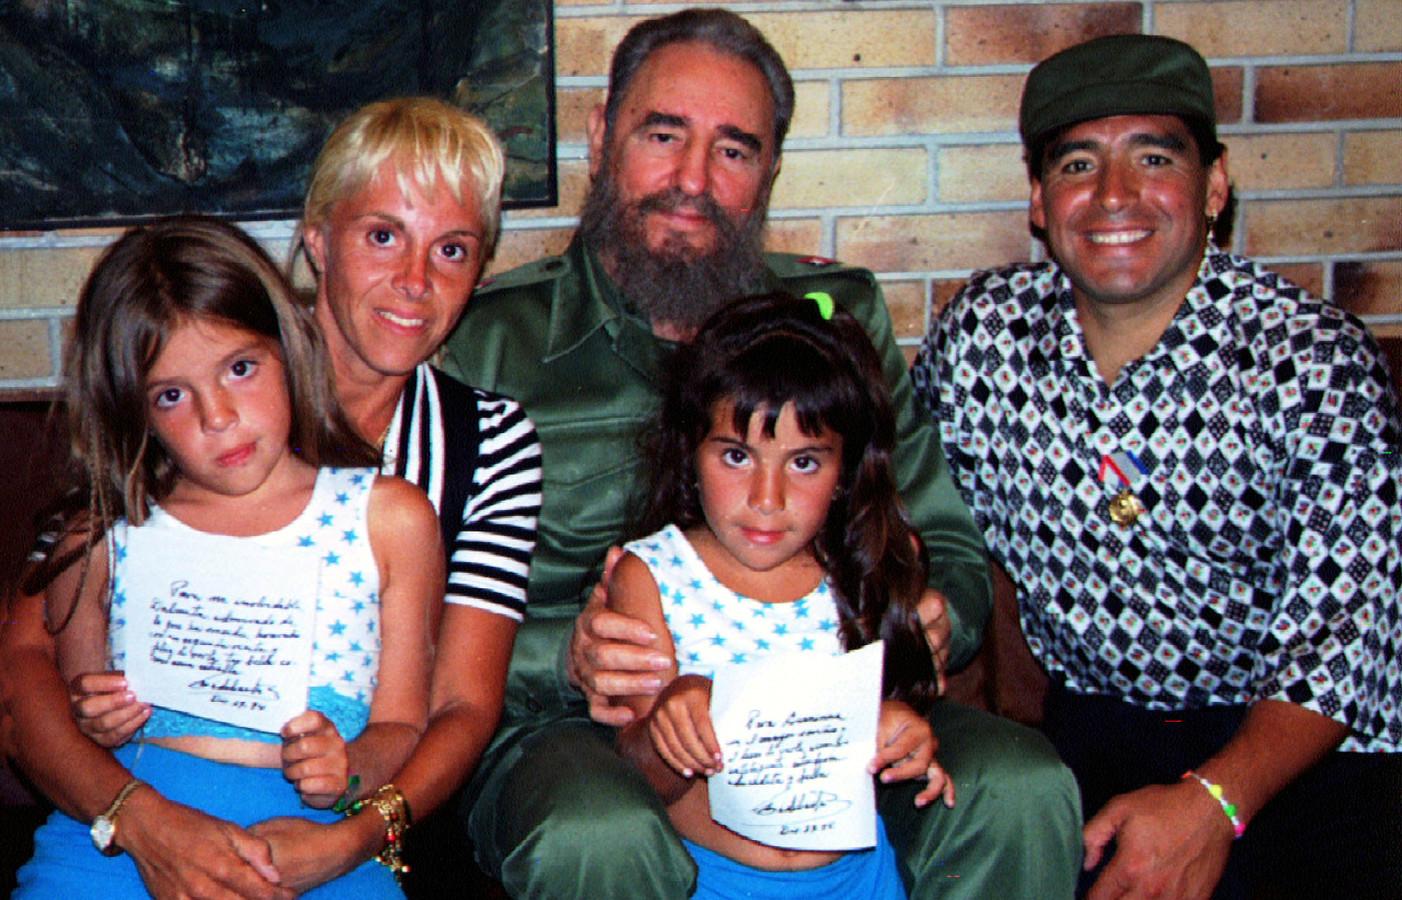 Maradona poseert in 1994 met zijn toenmalige vrouw Claudia, zijn twee dochters en de Cubaanse president Fidel Castro.